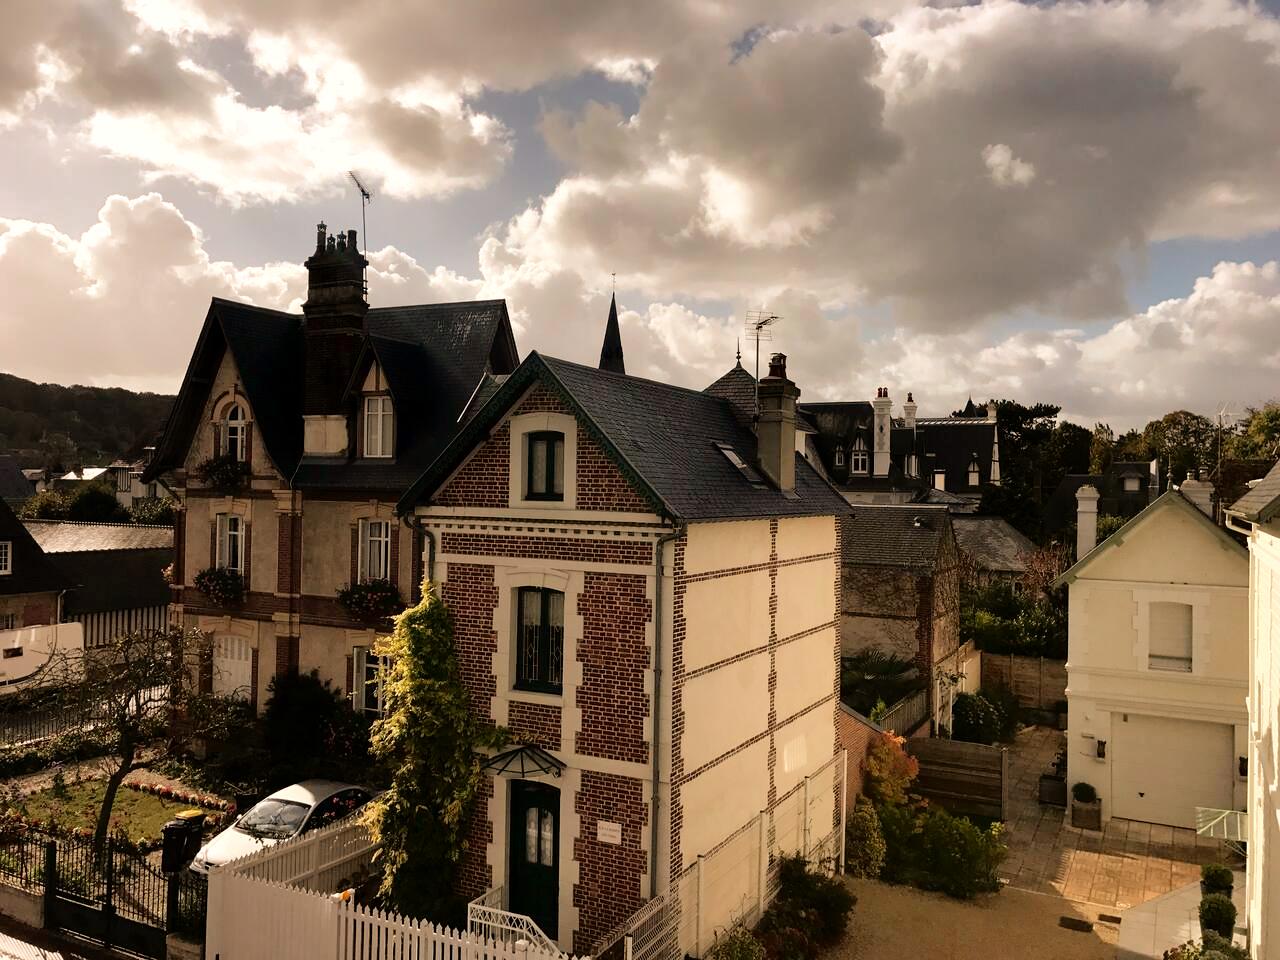 Vue_de_la_fênetre_-_Duplex_Cosy_Deauvill